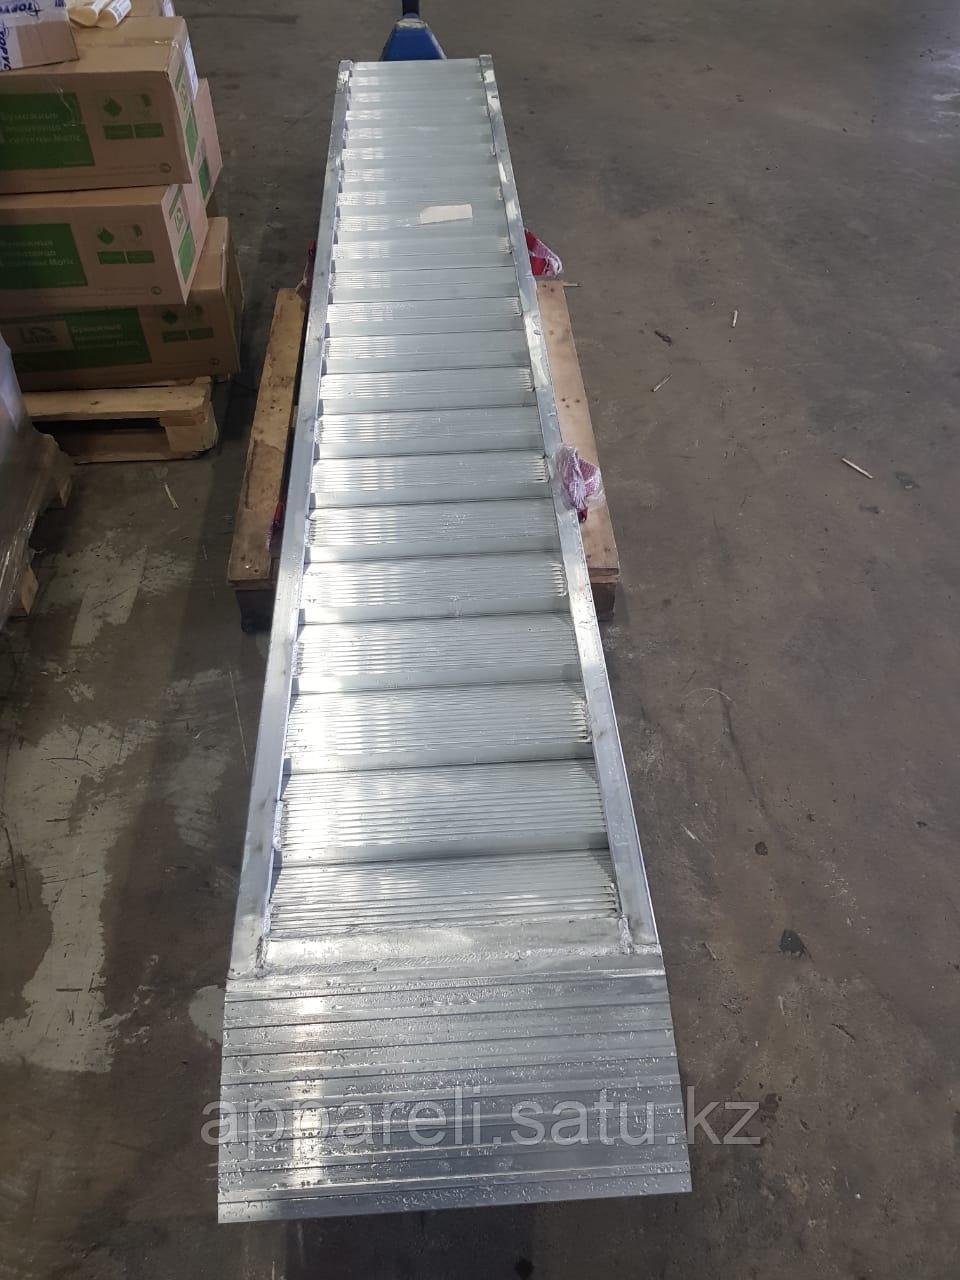 Производство аппарелей для спецтехники 3,5 м , 8,5 тонн